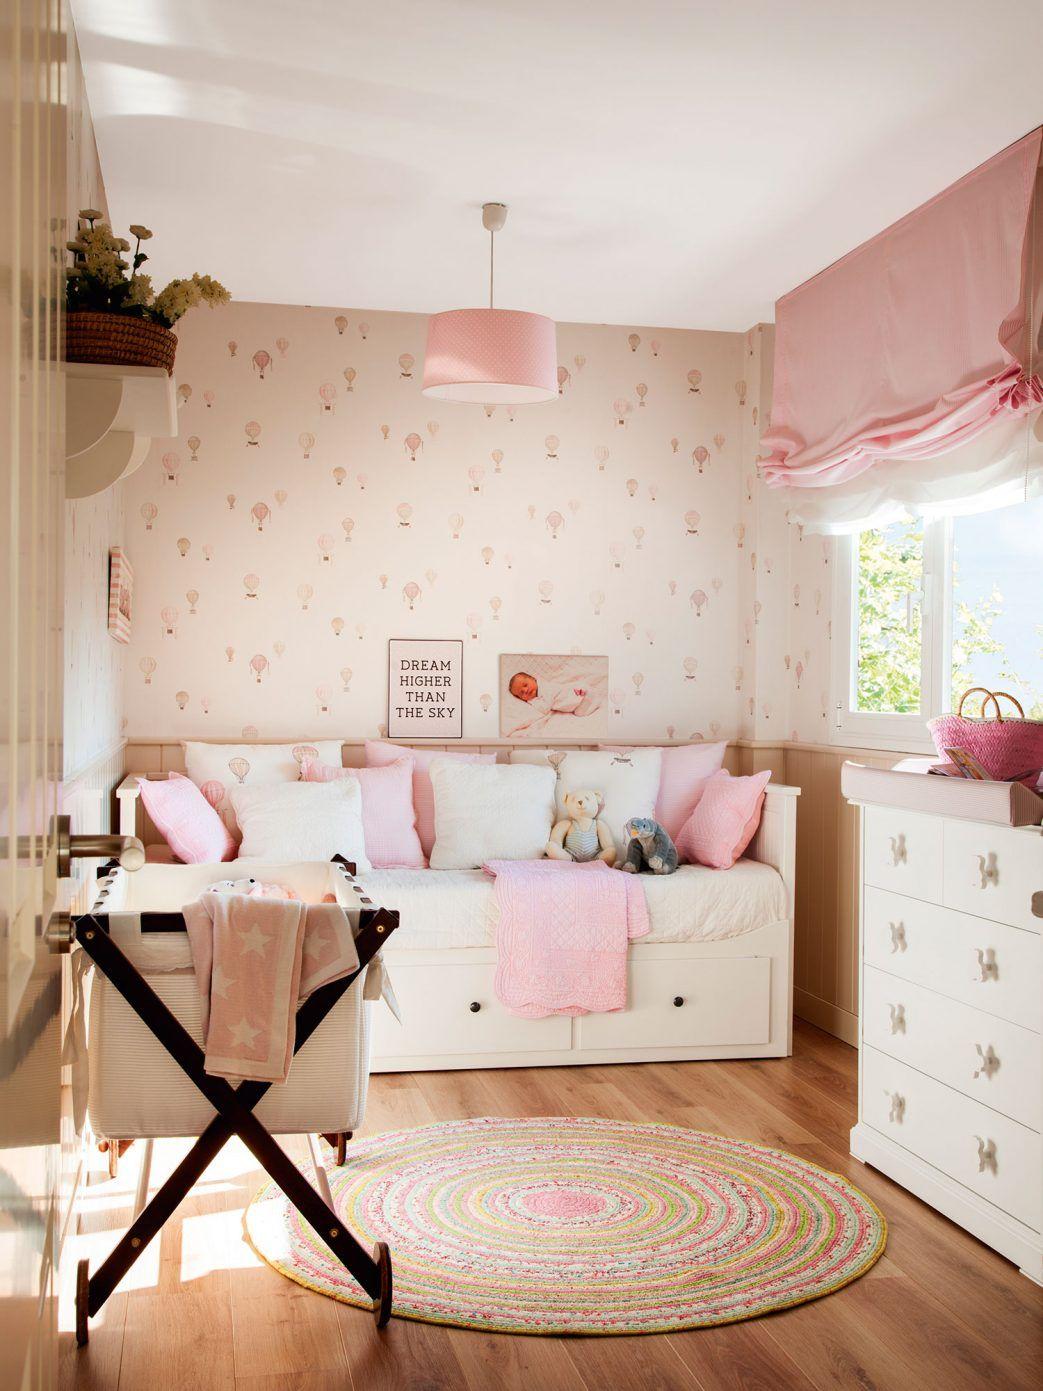 Claves Para Decorar La Habitacion Los Ninos Bebe Adolescente - Decorar-pared-habitacion